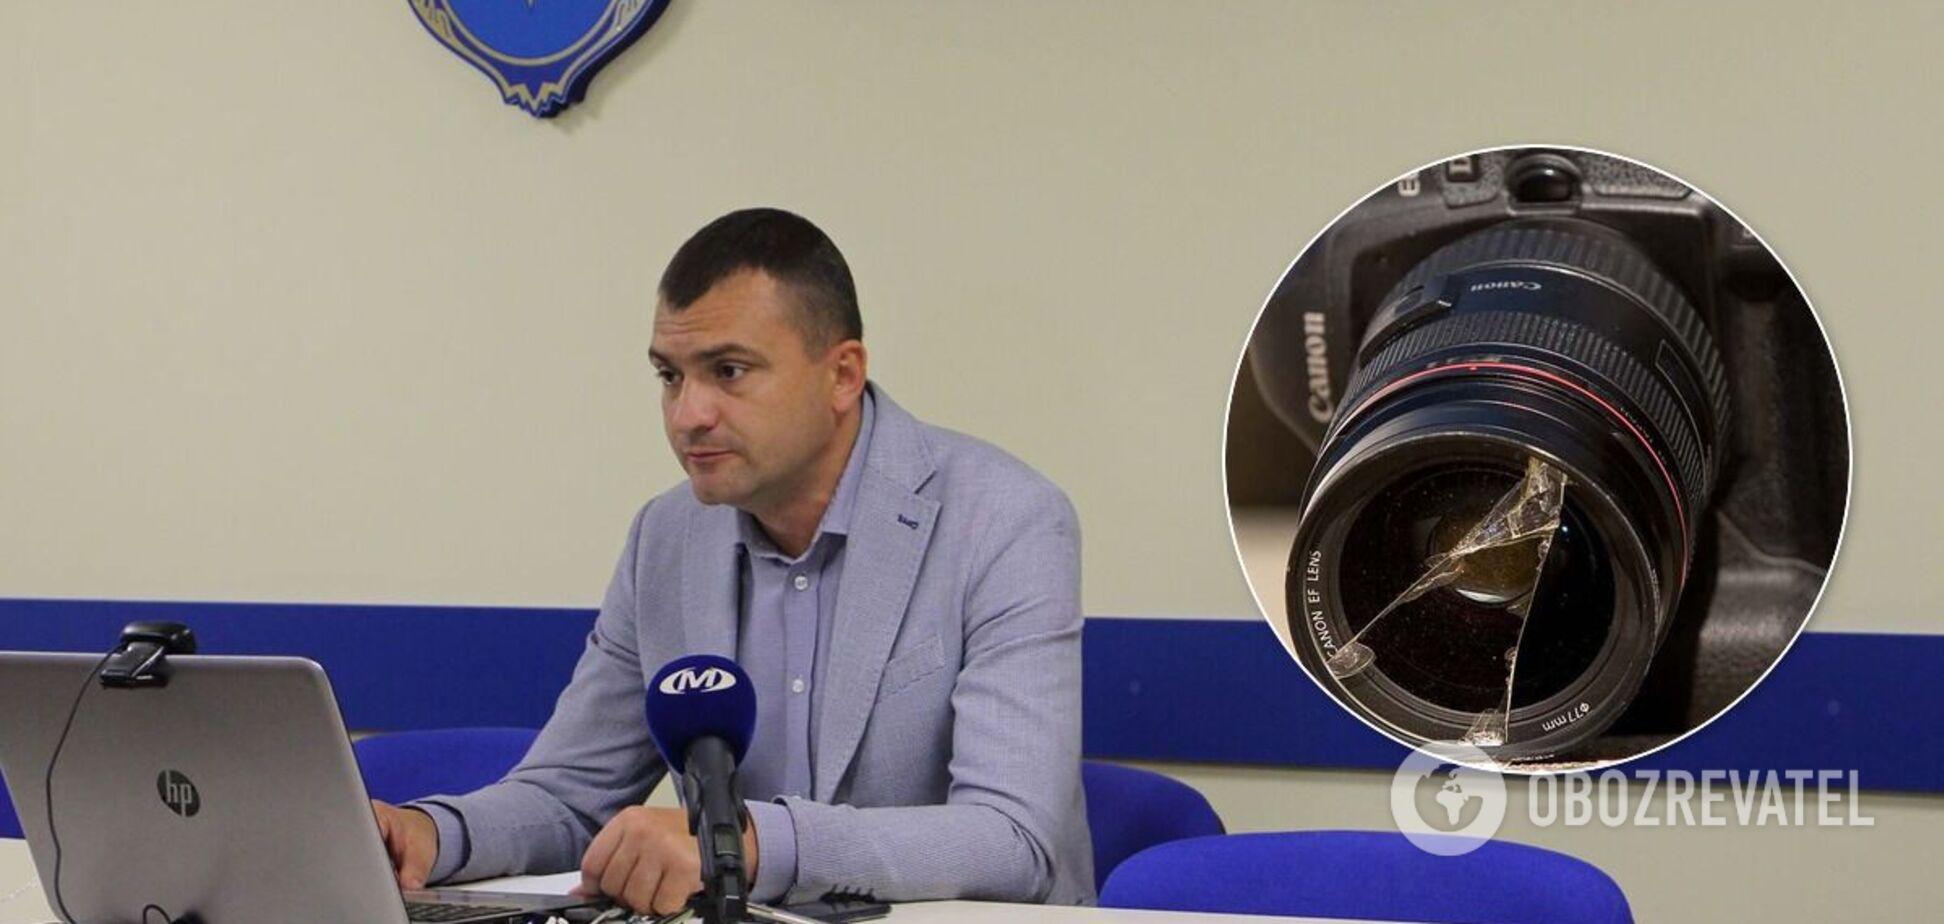 У Хмельницькому напали на журналіста, який відкрито критикував мера Симчишина